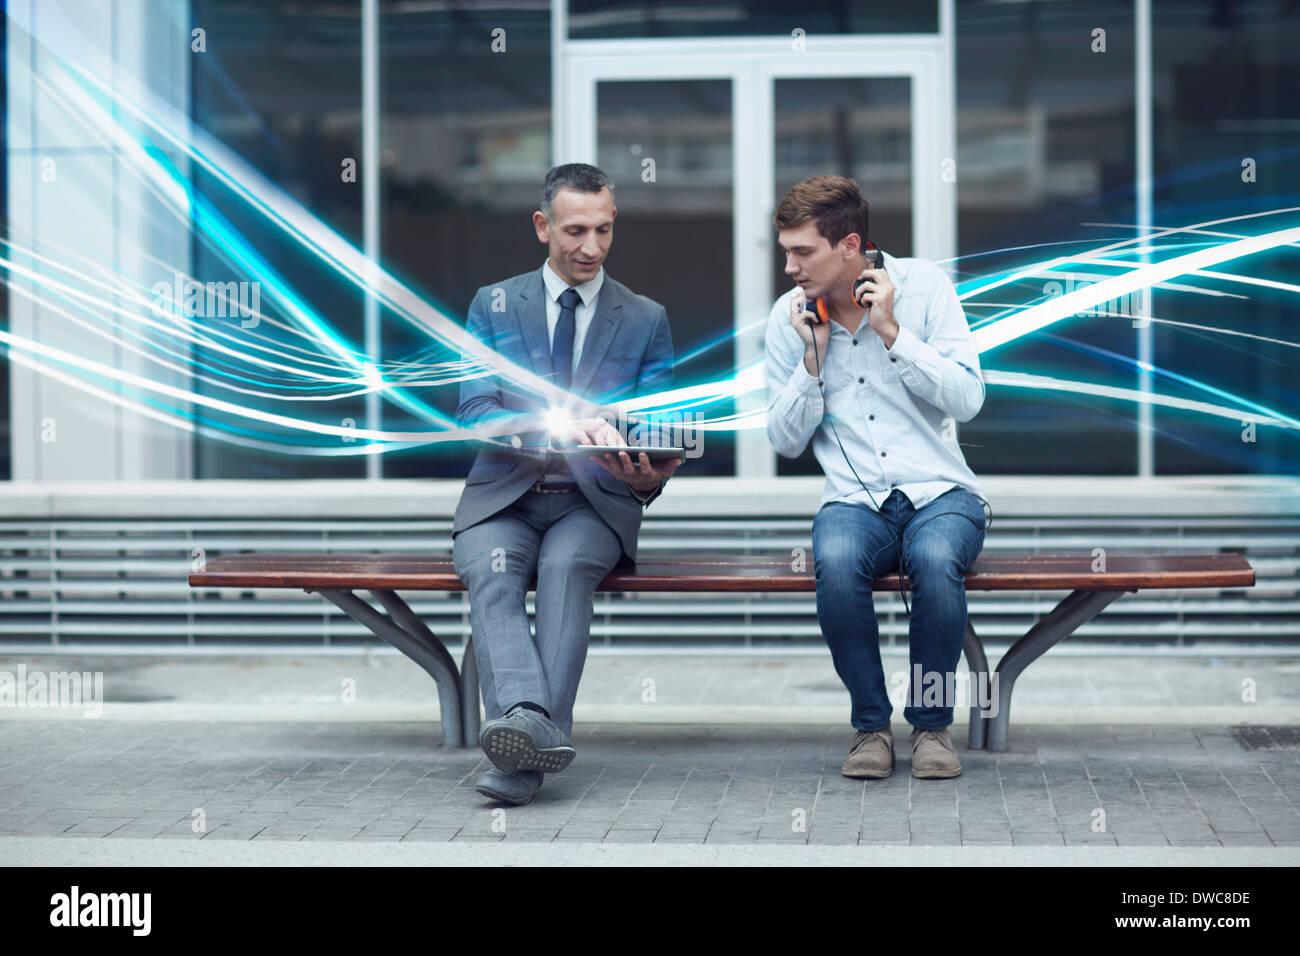 Imprenditore e giovane uomo guarda la tavoletta digitale e le onde di illuminazione Immagini Stock